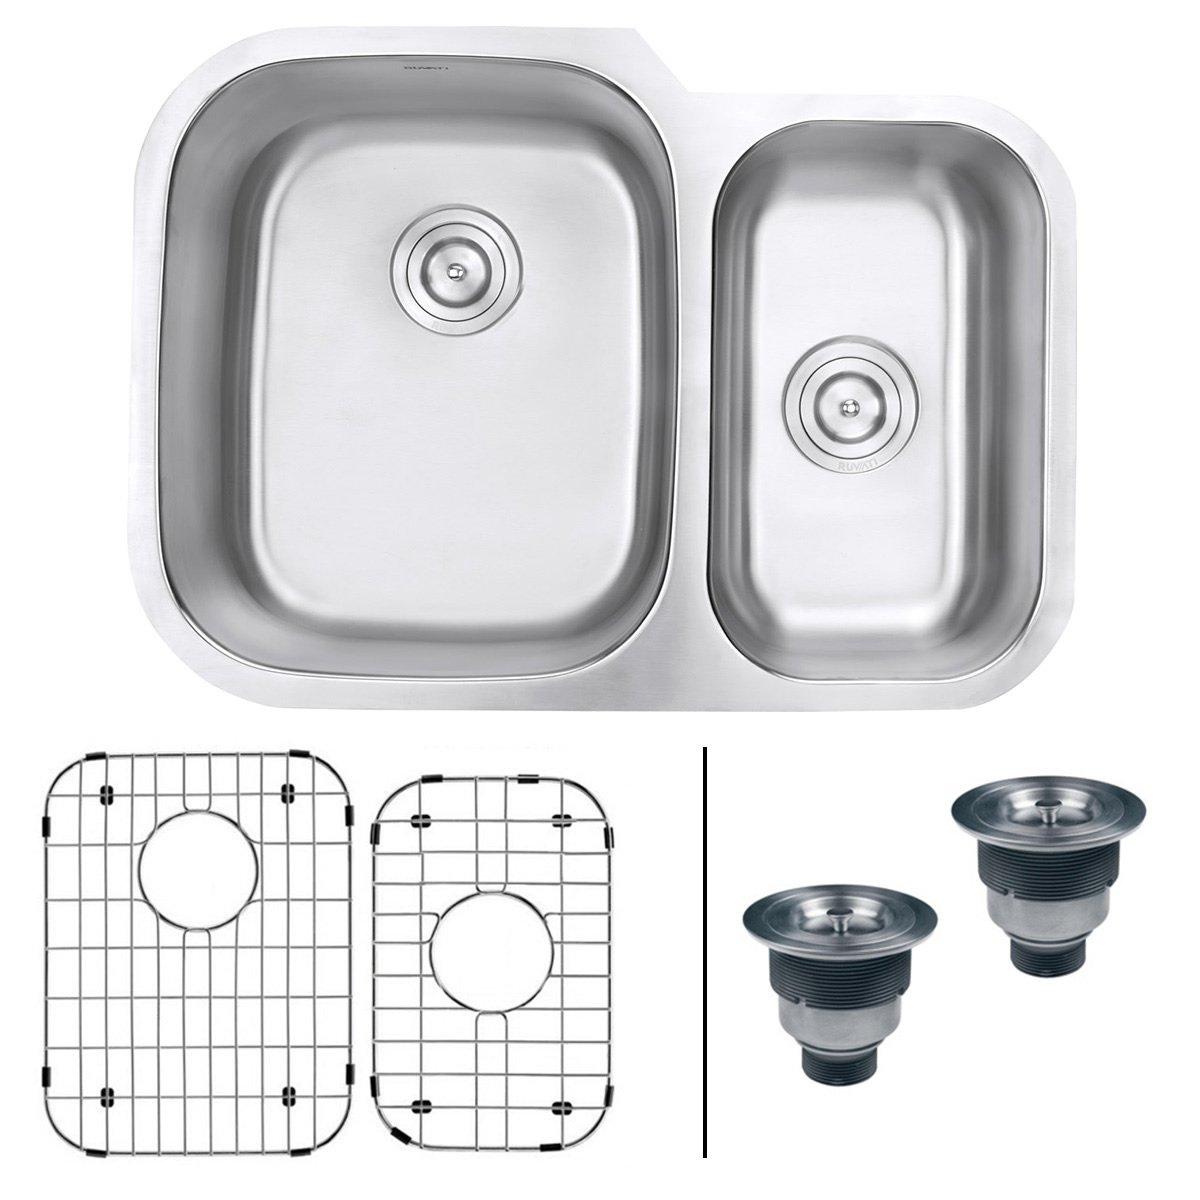 Ruvati 29-inch Undermount 60/40 Double Bowl 16 Gauge Stainless Steel Kitchen Sink - RVM4500